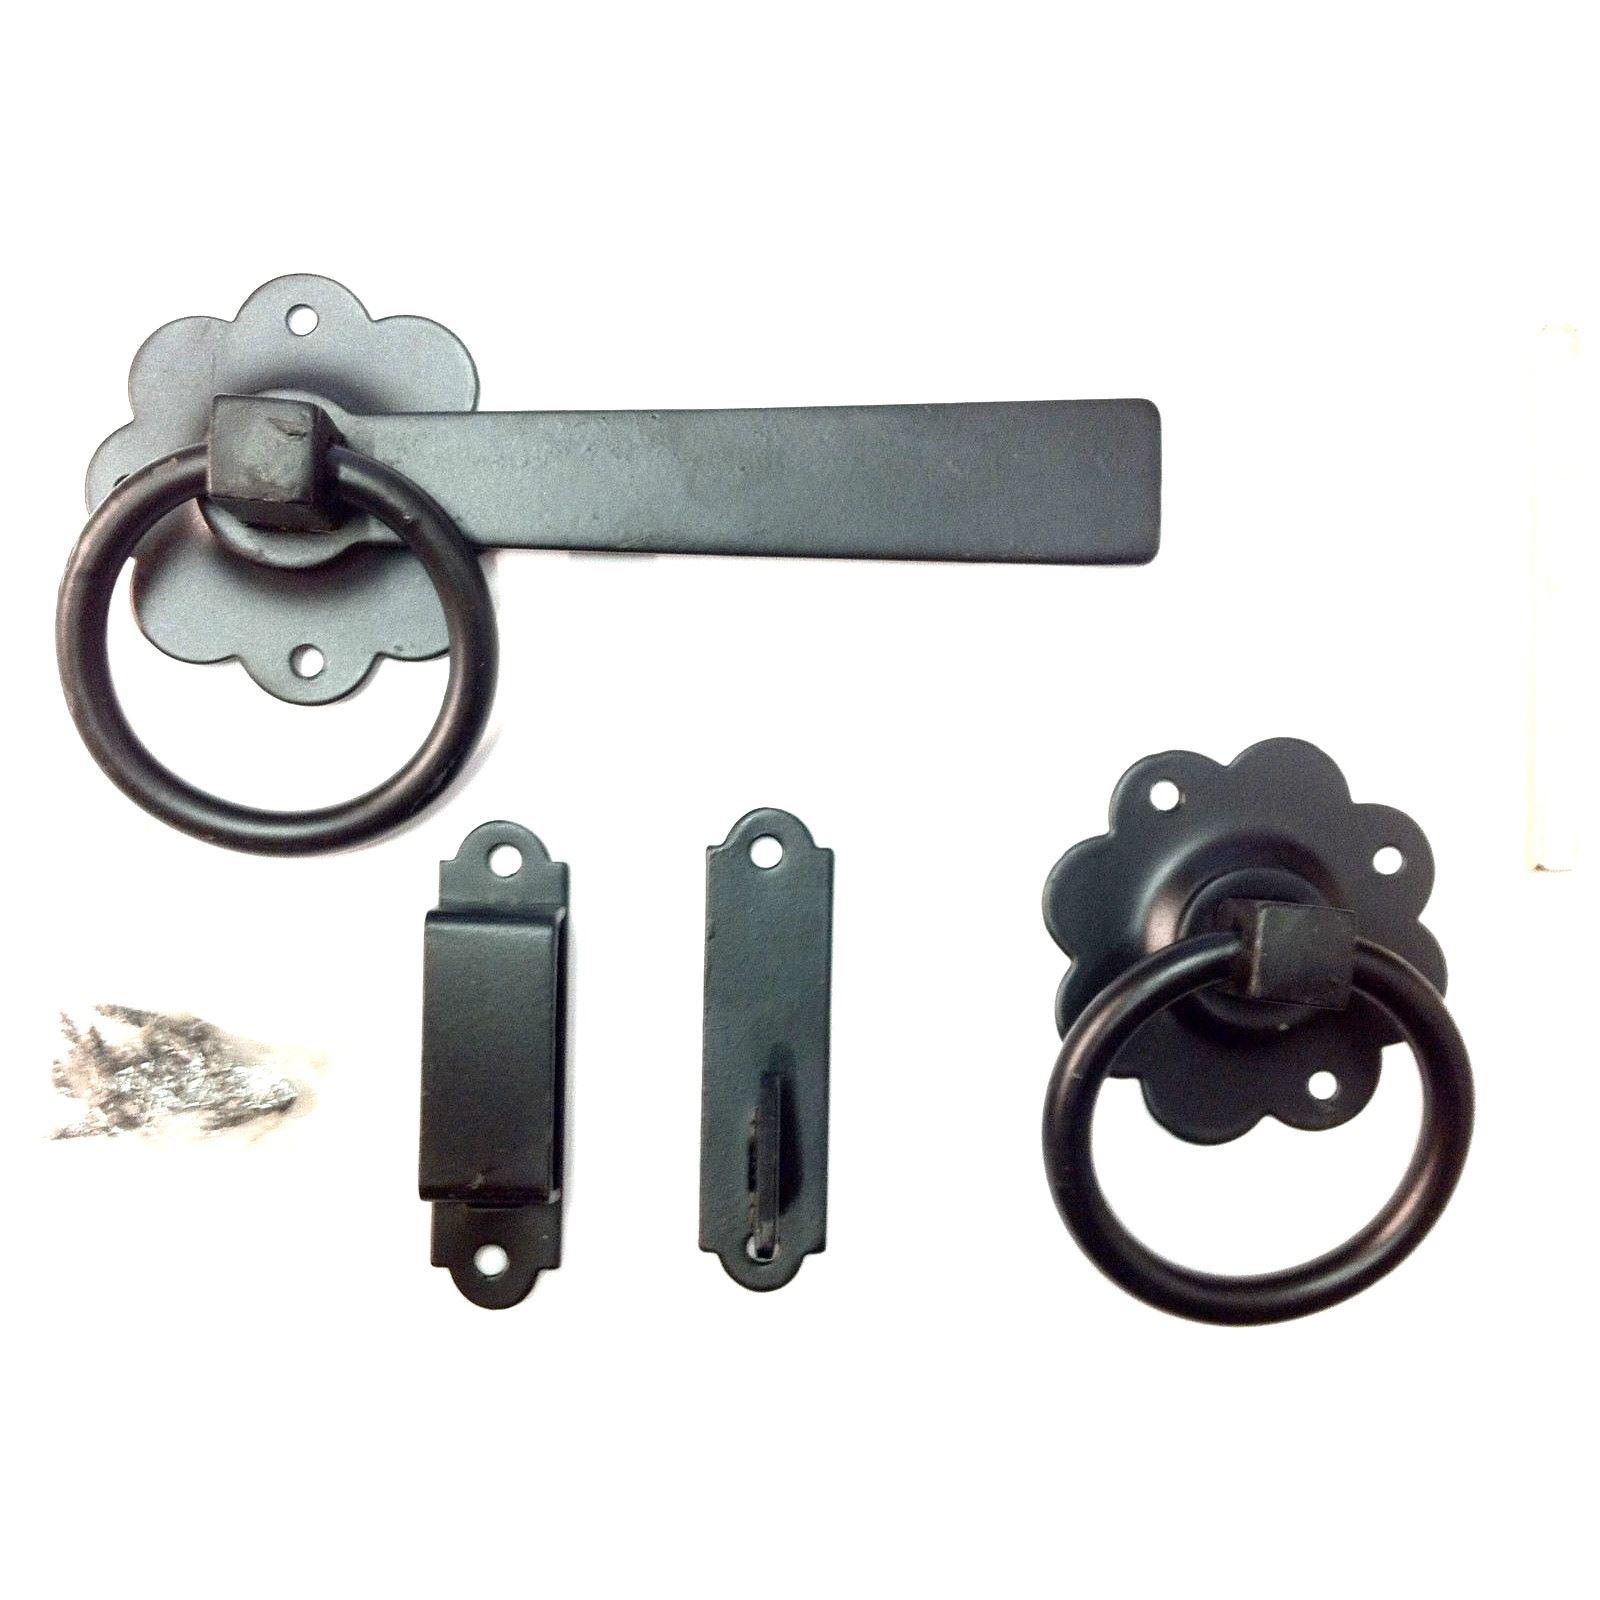 BUY 3 GET 1 FREE GARDEN RING GATE DOOR LATCH HANDLE BLACK ...